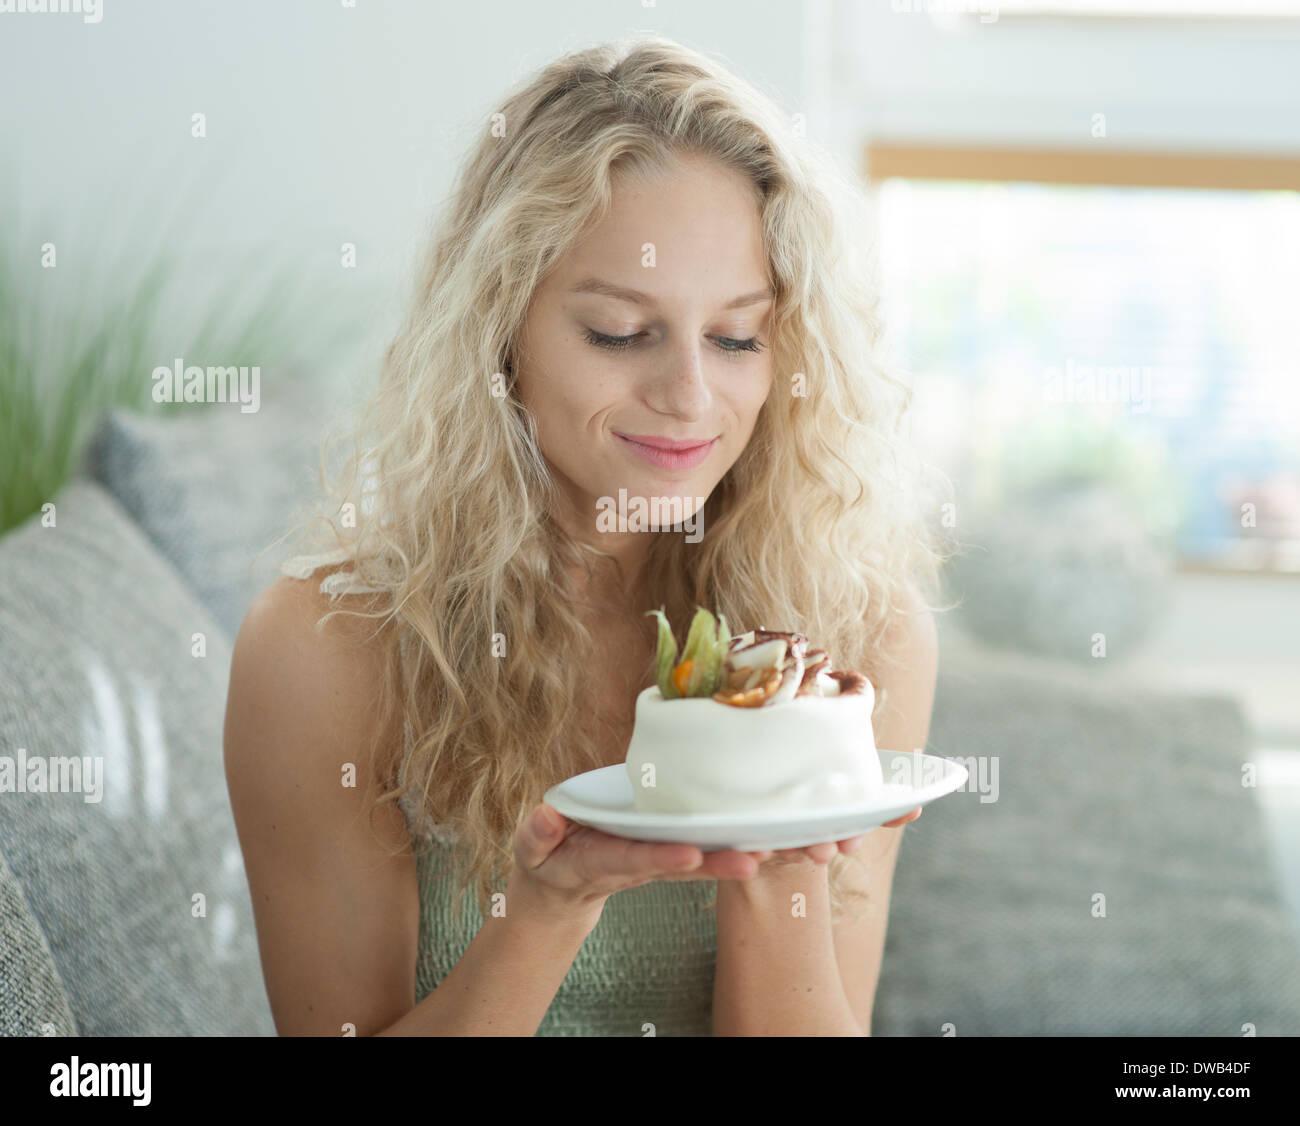 Giovane e bella donna che guarda la torta allettante in casa Immagini Stock